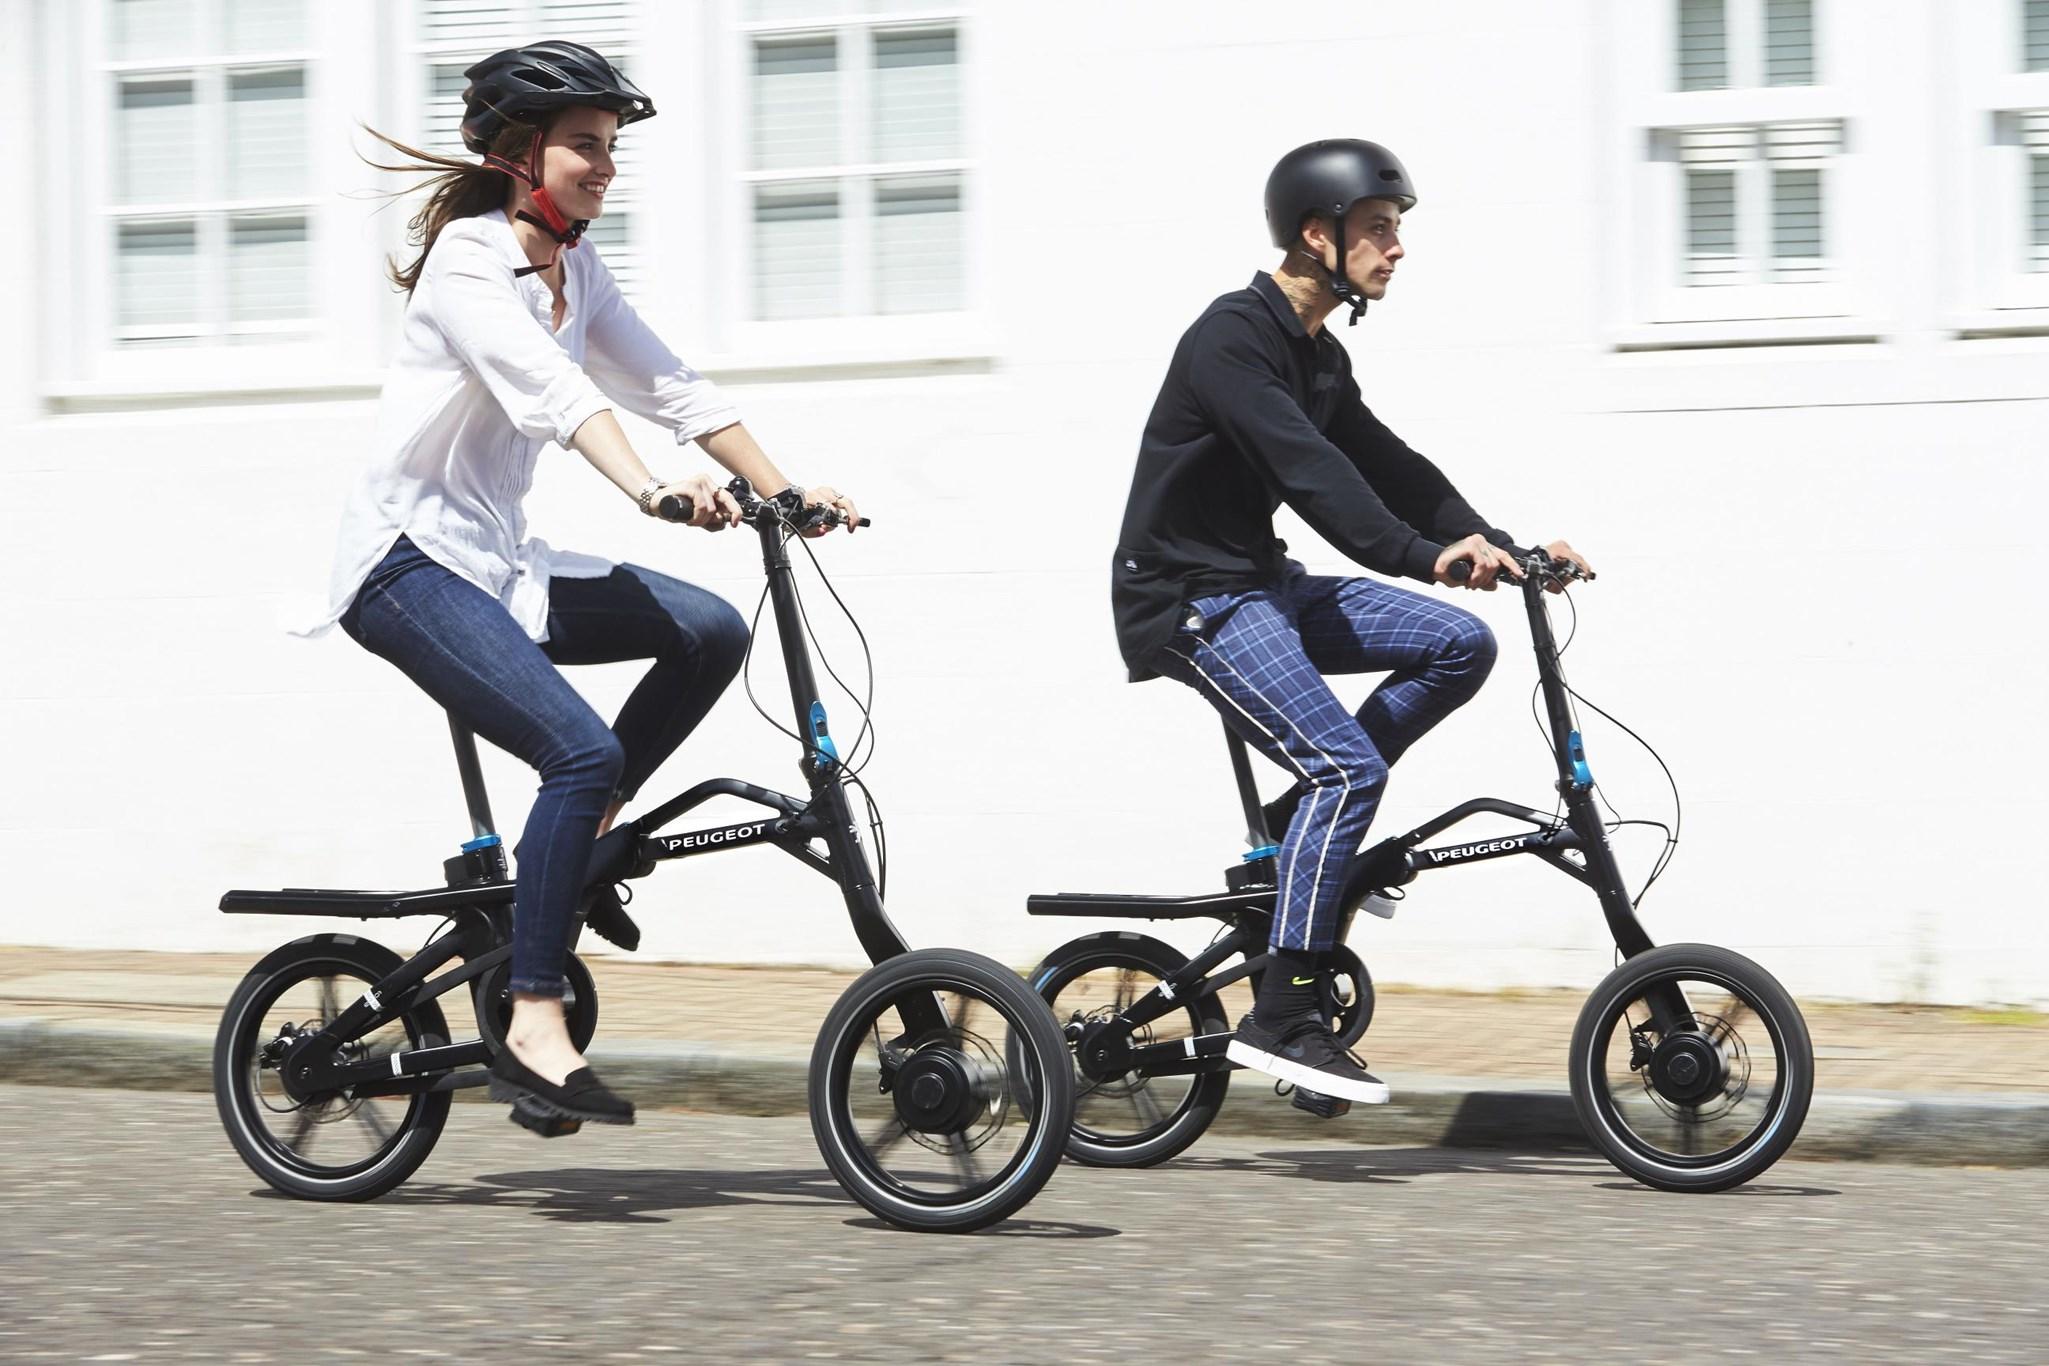 peugeot 5008 and ef01 electric bike last mile electric. Black Bedroom Furniture Sets. Home Design Ideas